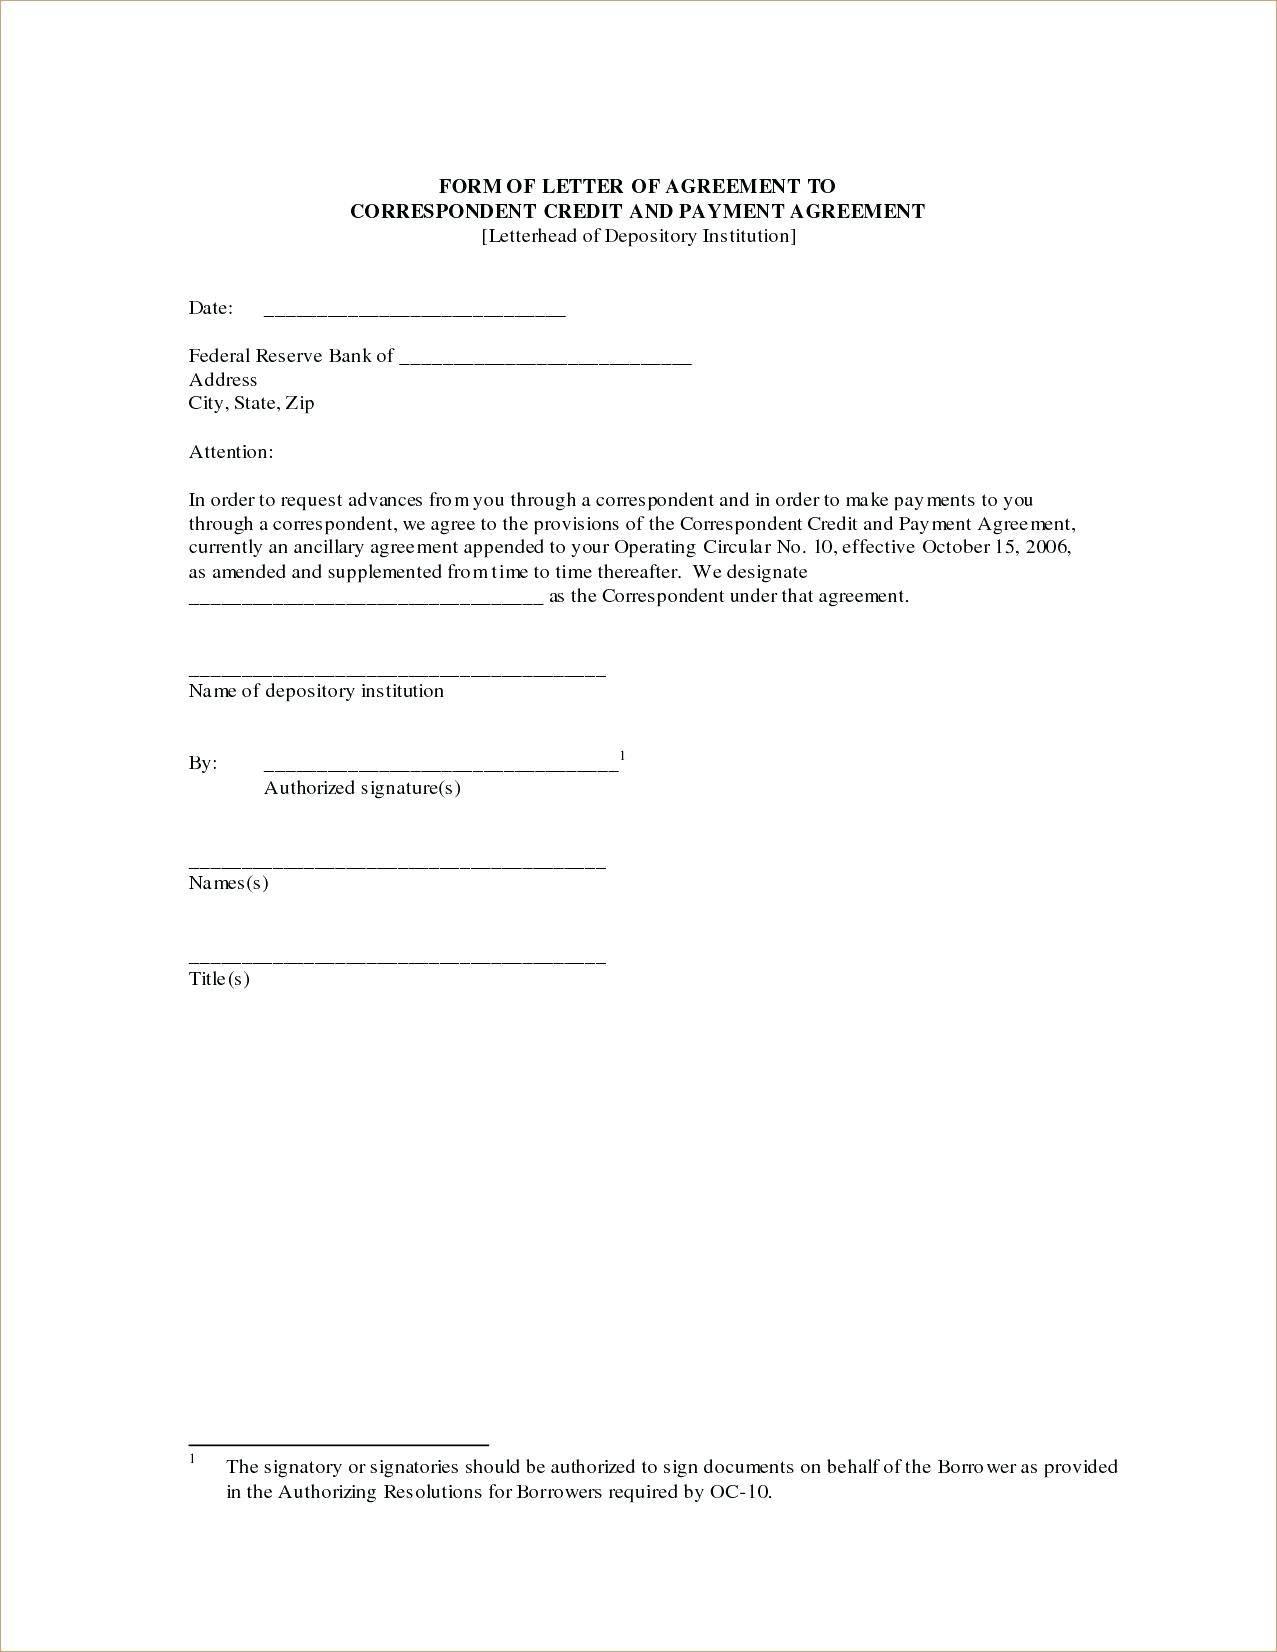 Settlement Agreement Cover Letter Template